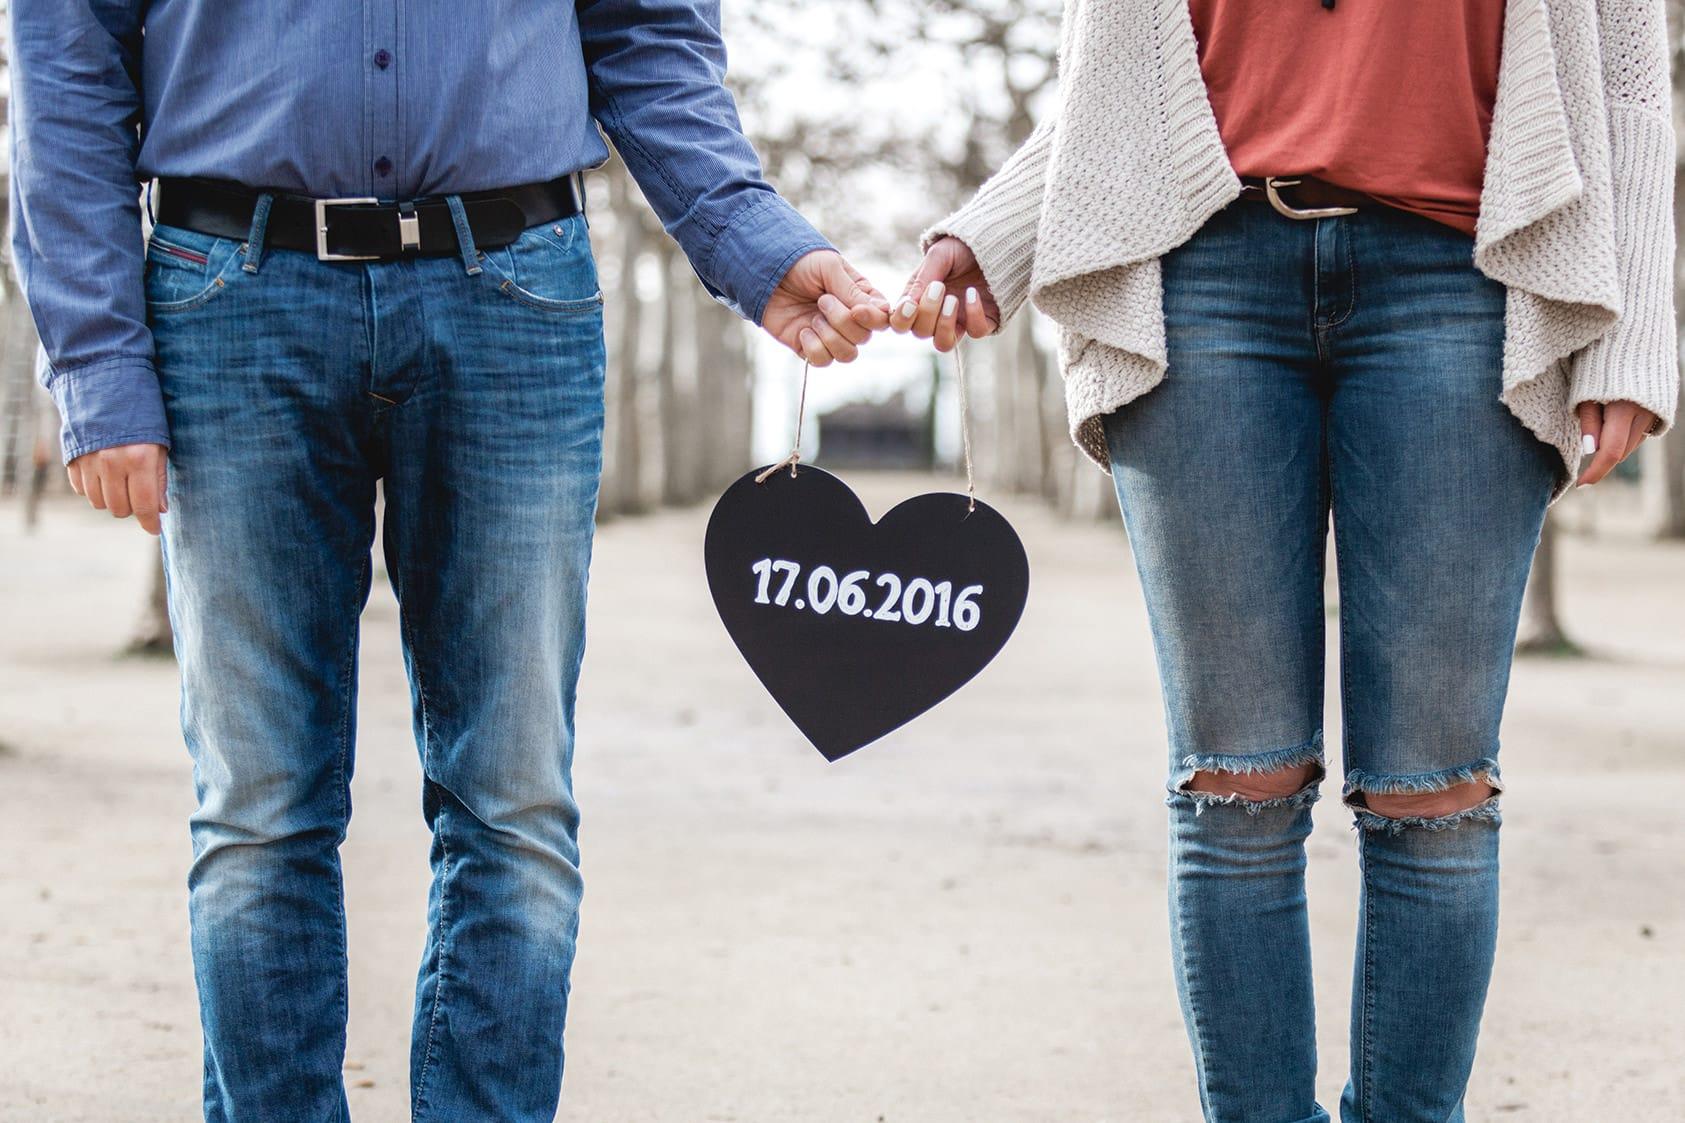 Engagementshooting-Verlobungsshooting-Darmstadt-Vintage-Couples-Paarfotografie-Fotograf-Darmstadt